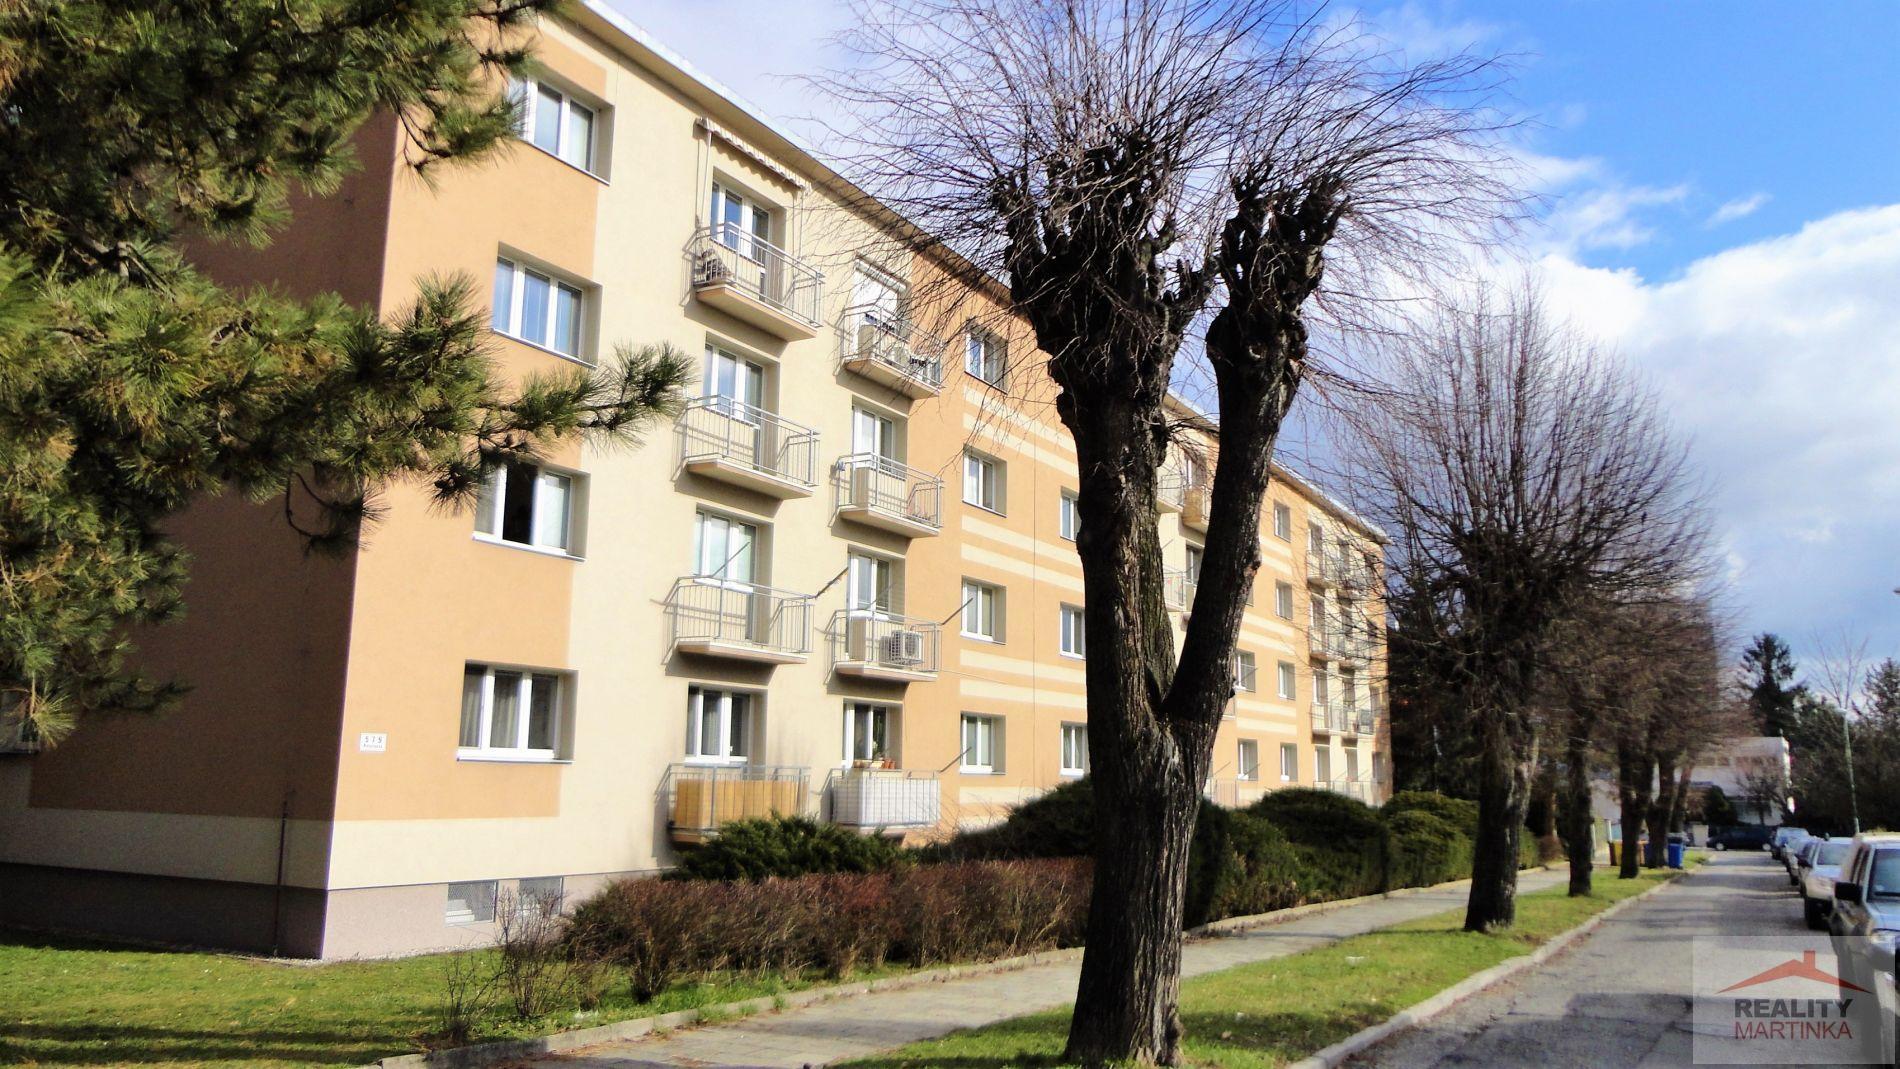 Pronájem bytu 3+1 s balkónem, Olomouc, ul. Petelinova